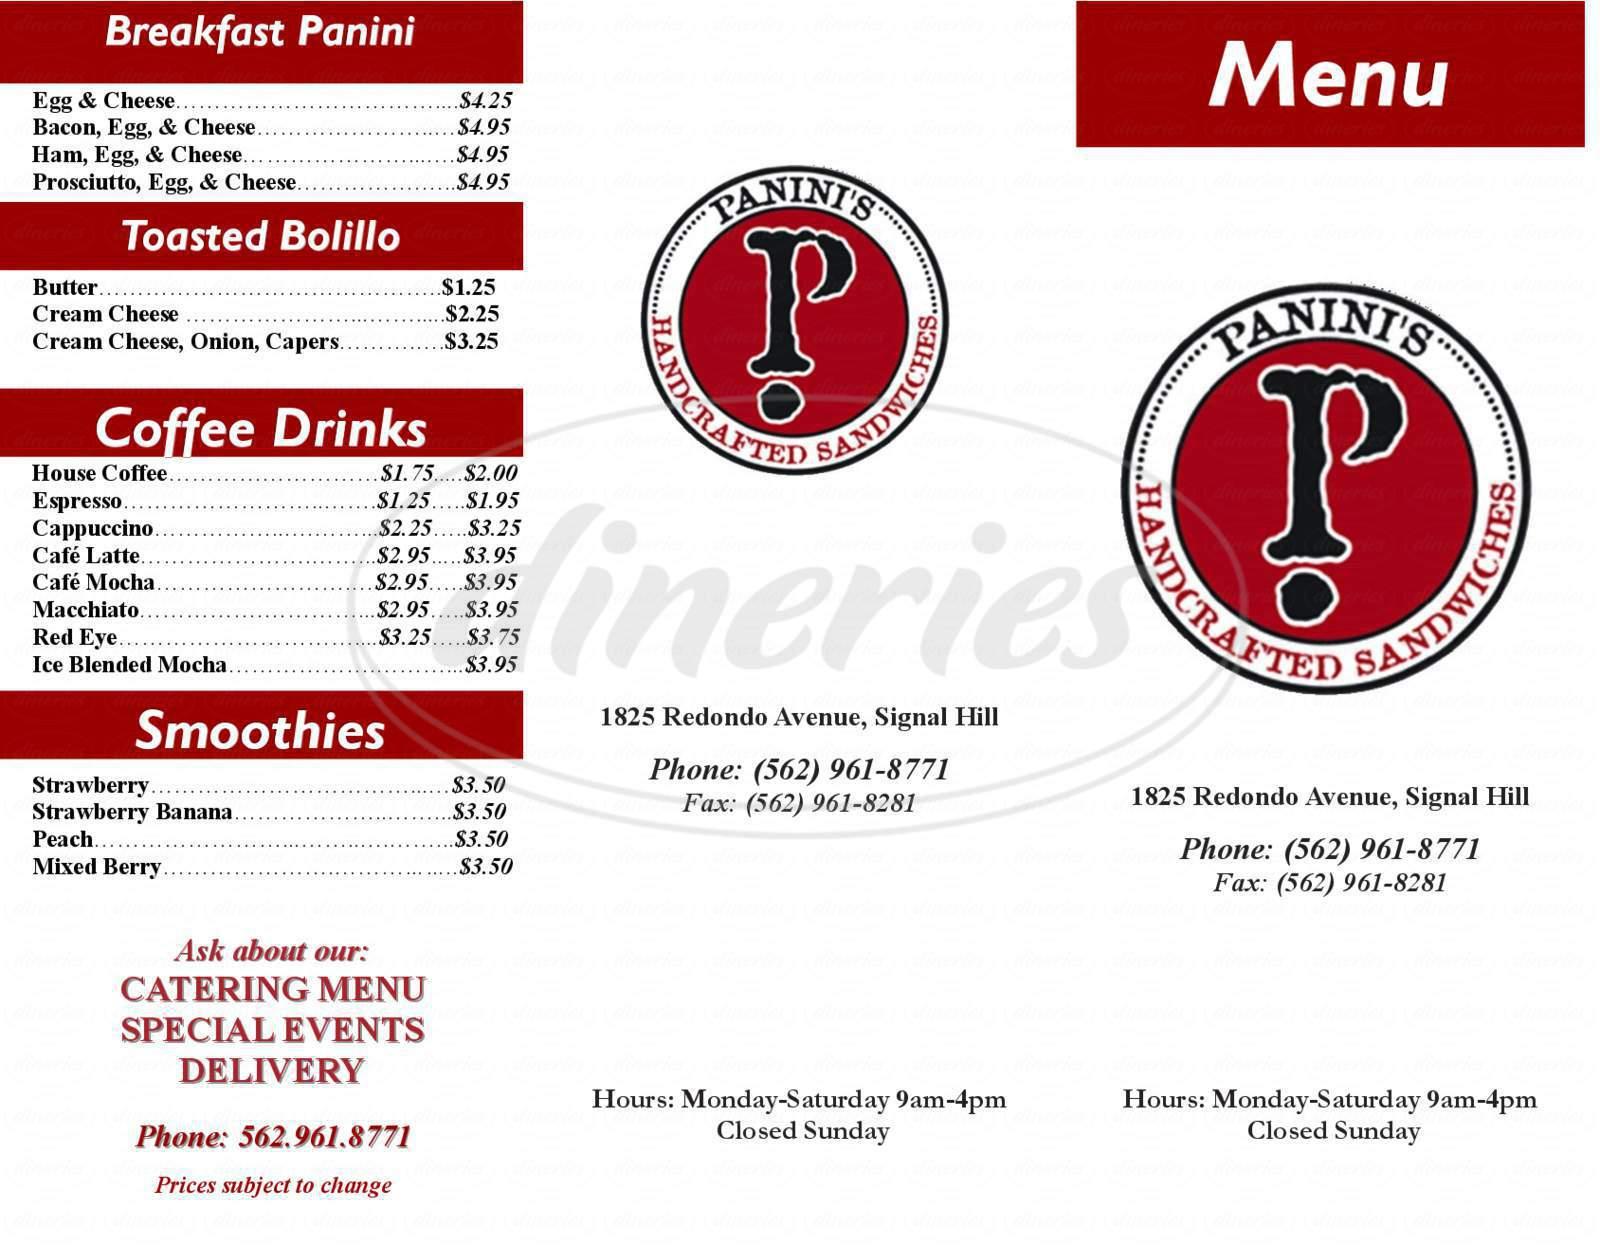 menu for Panini's